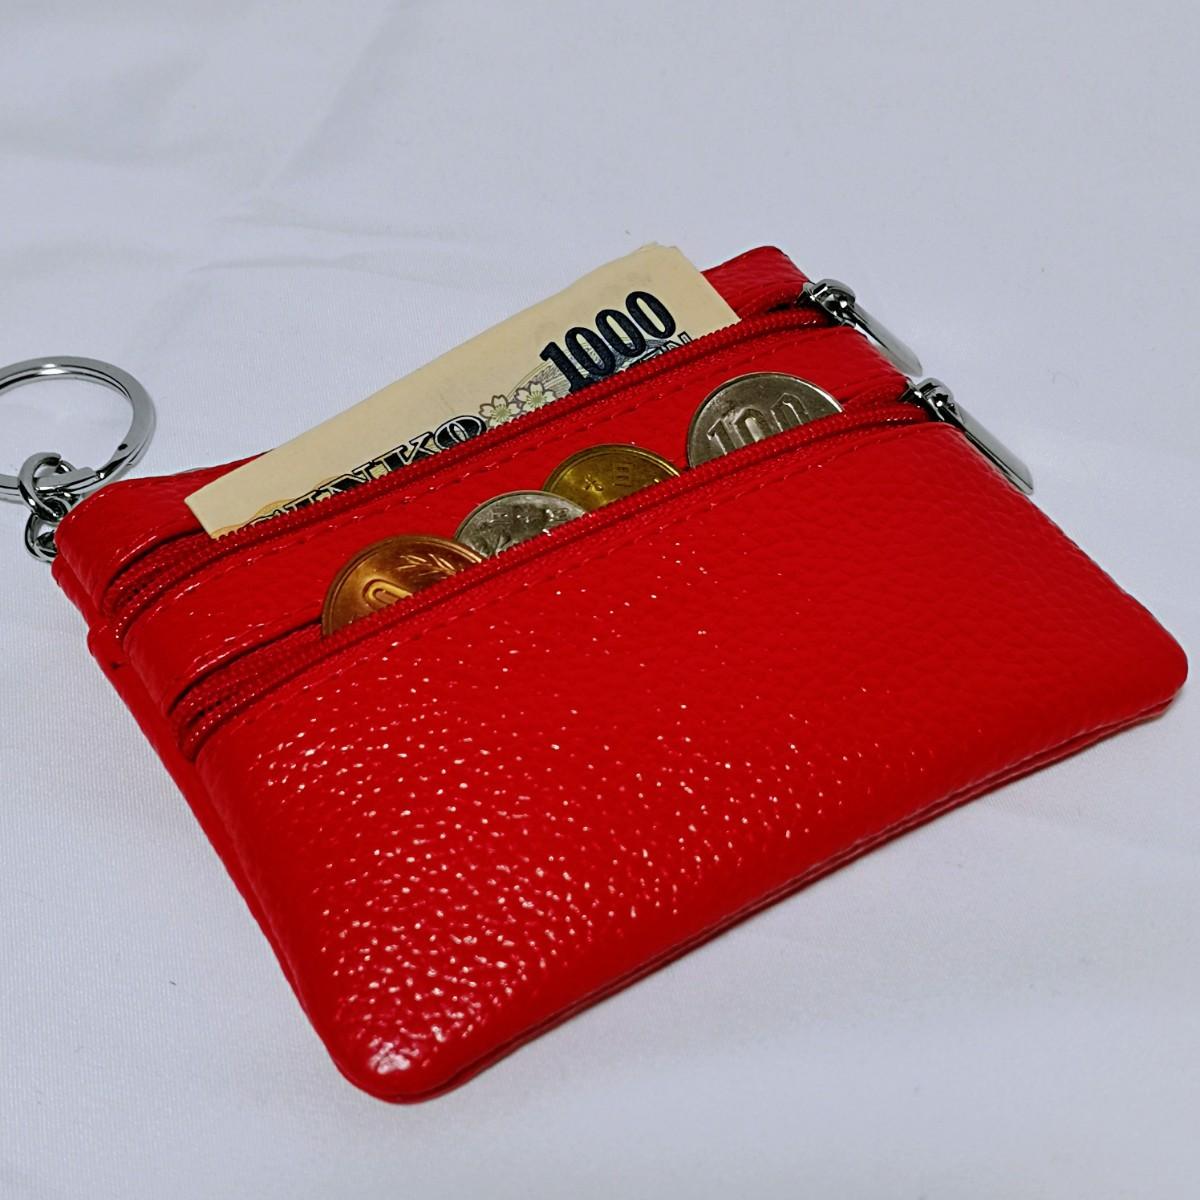 コインケース 小銭入れ キーケース カード入れ 本革 財布 ミニ財布1個 青